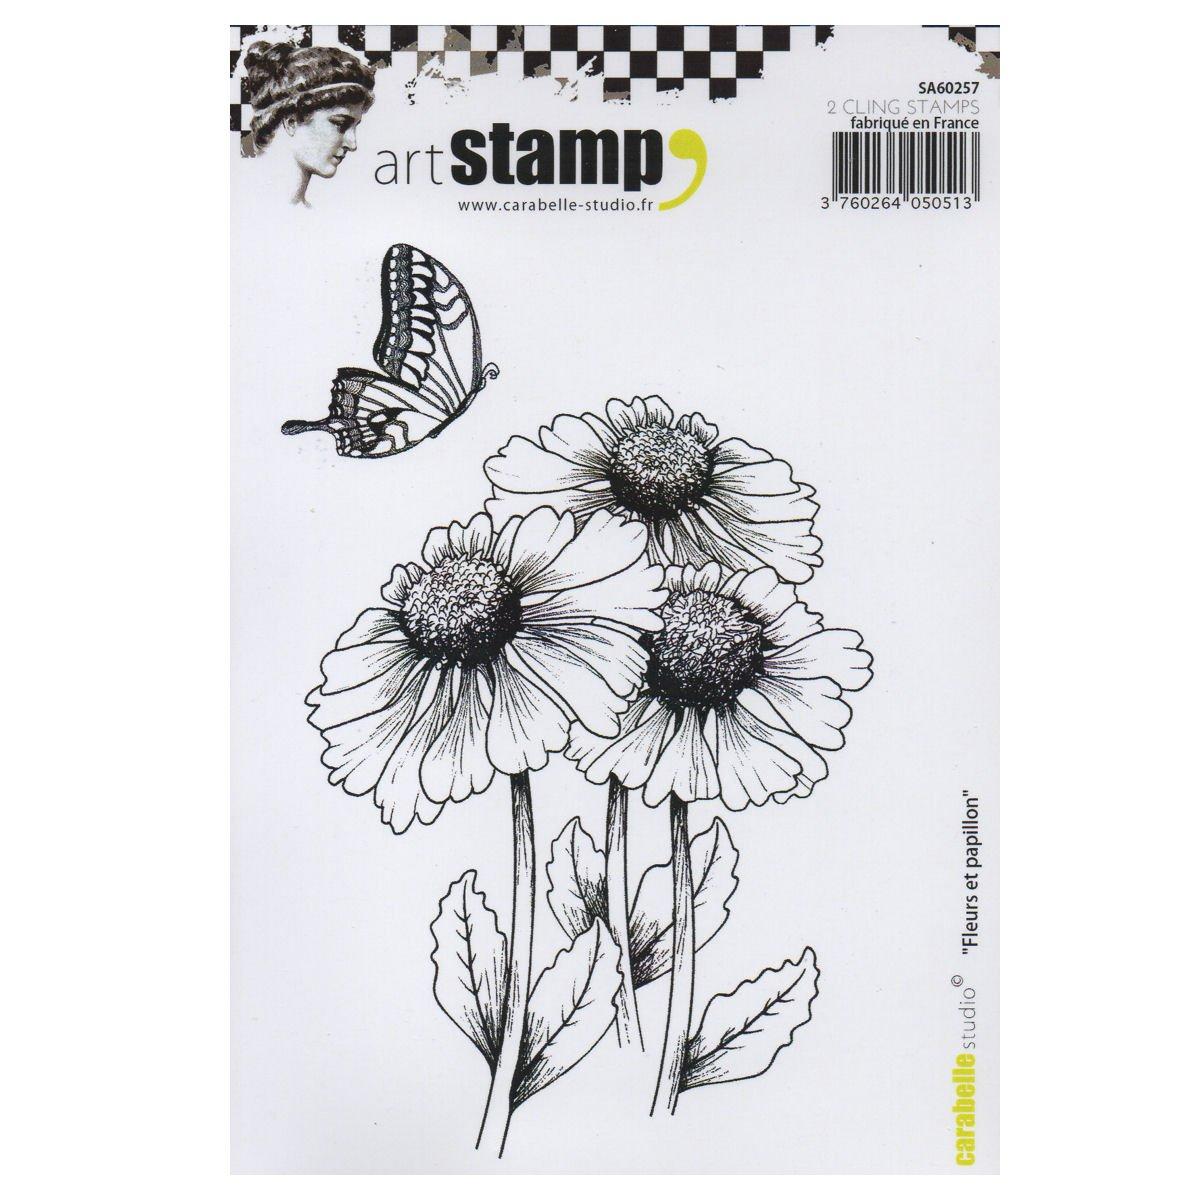 Carabelle Studio Cling Art, Set di Due, Farfalle e Fiori, per Carta Artigianale stampaggio progetti, Cartoline e Album, Formato A6 SA60257